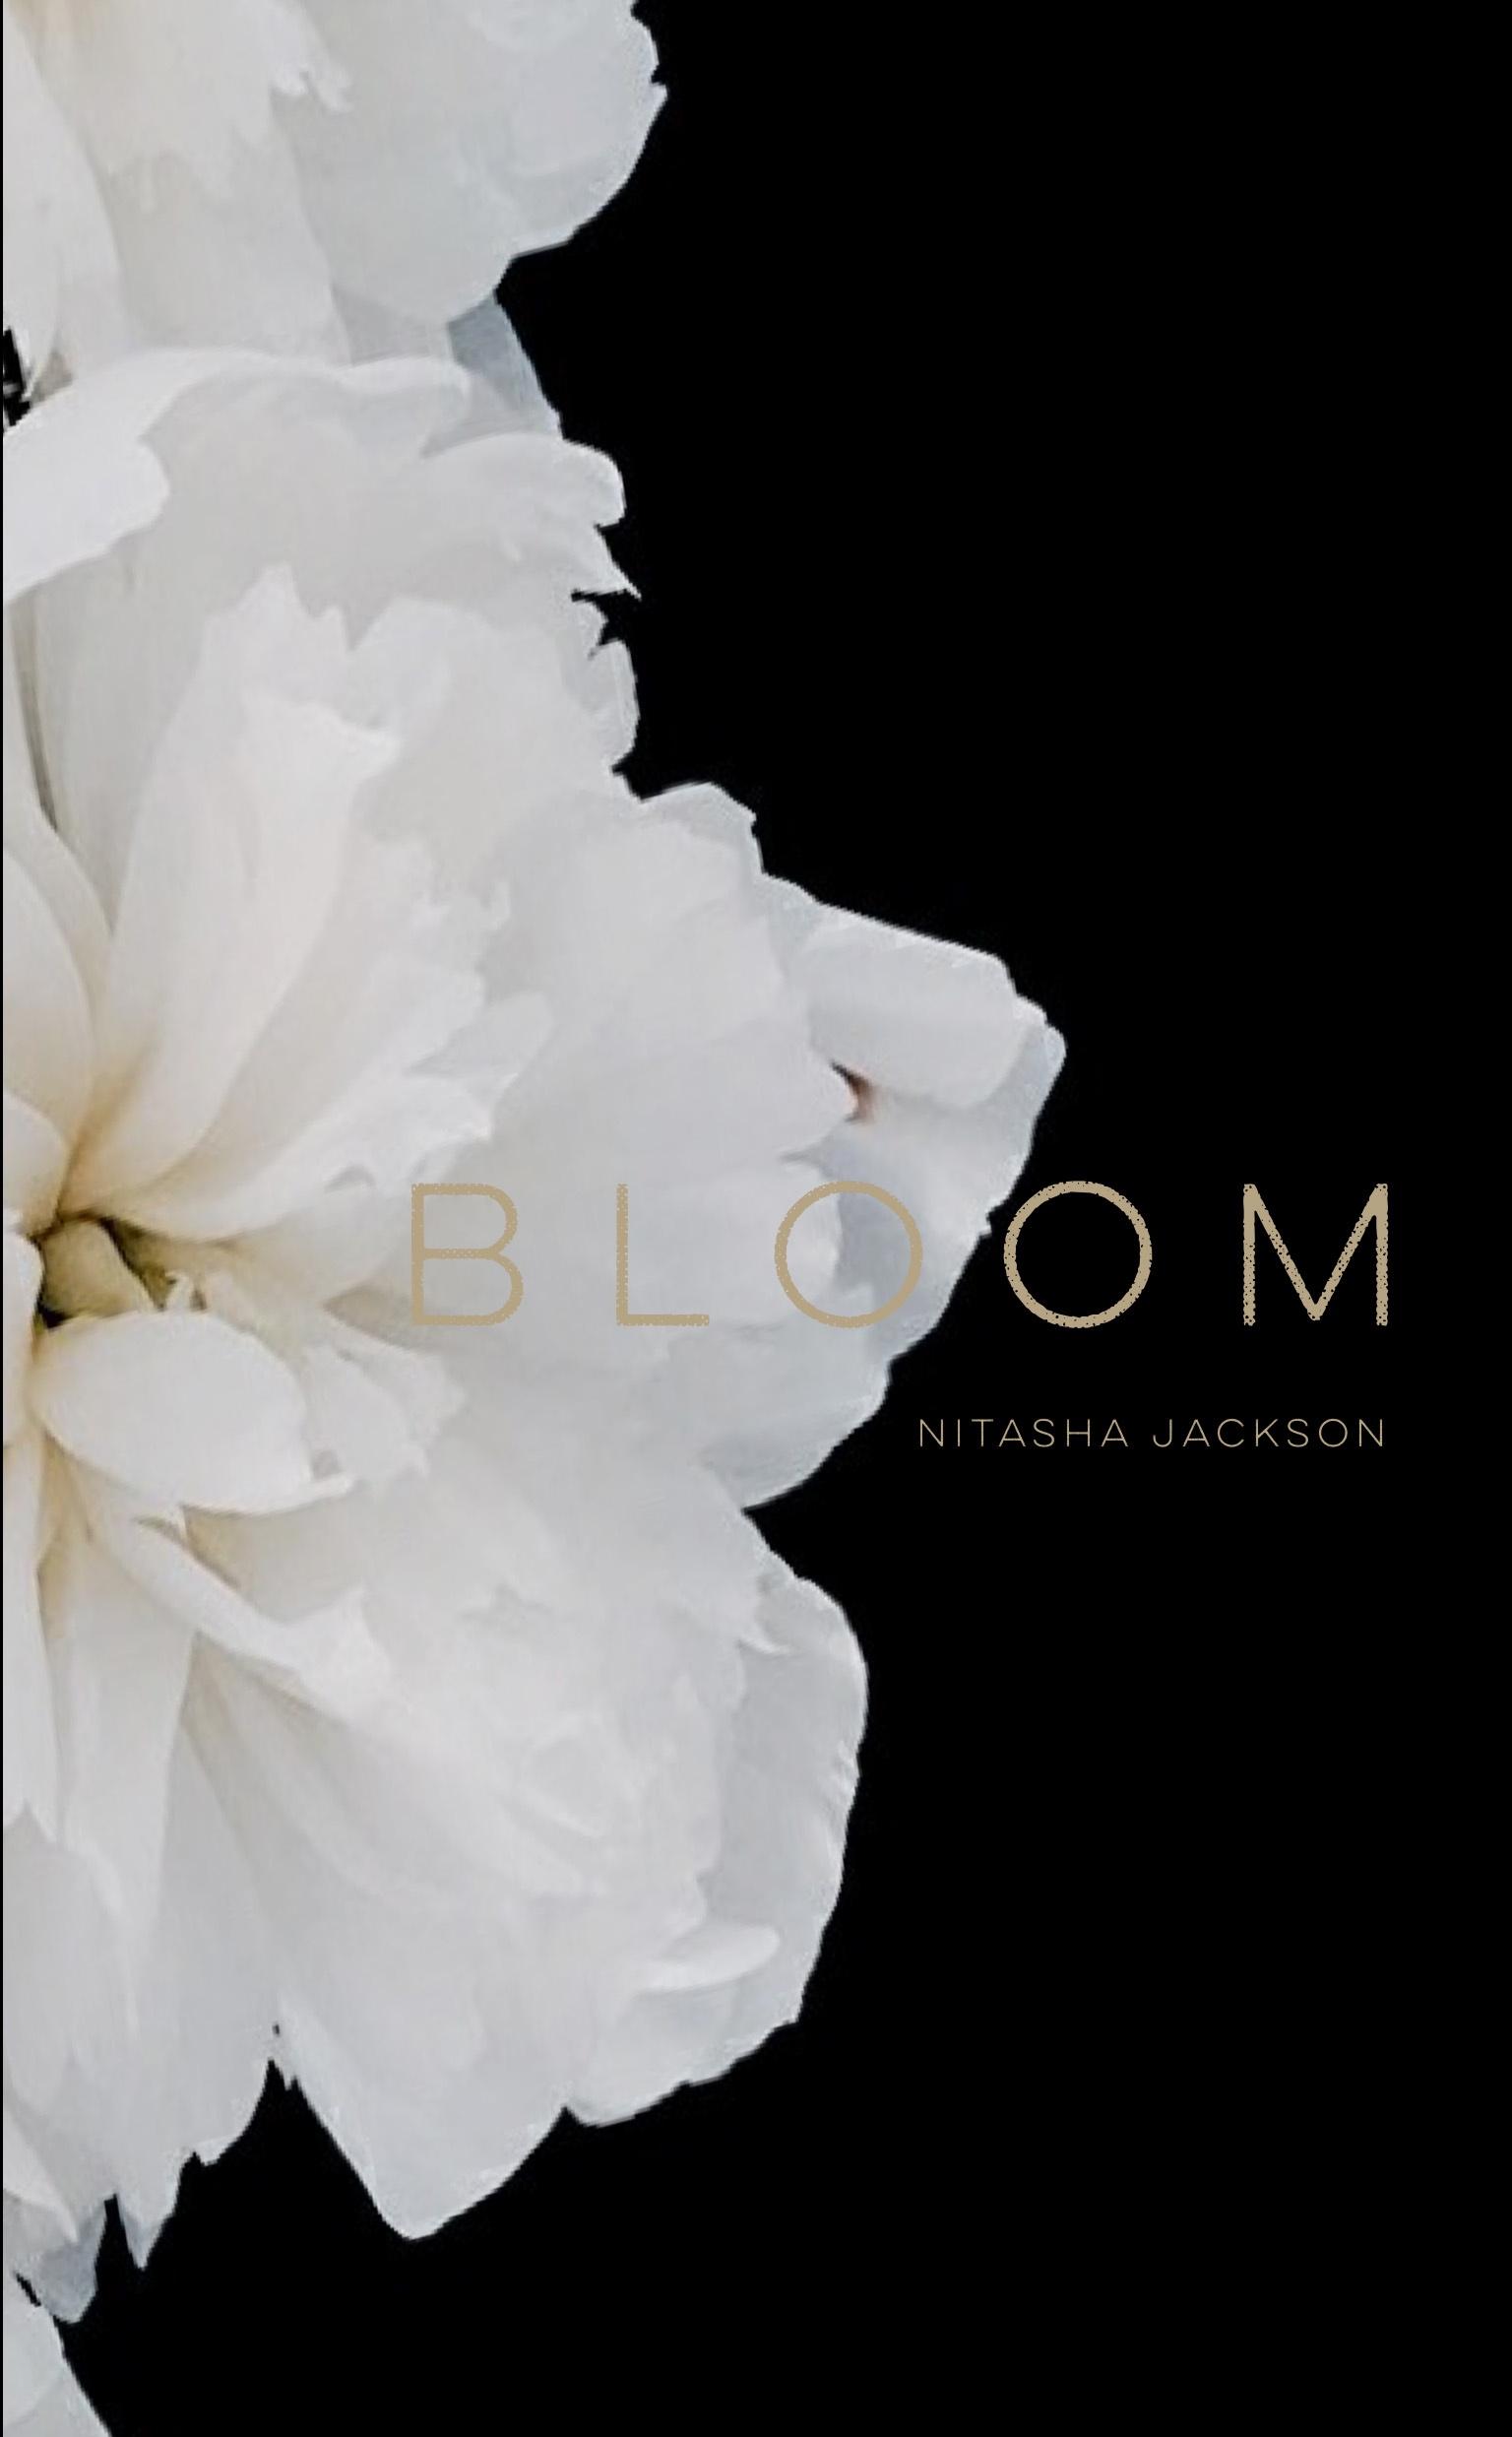 bloom+cover+art.jpg